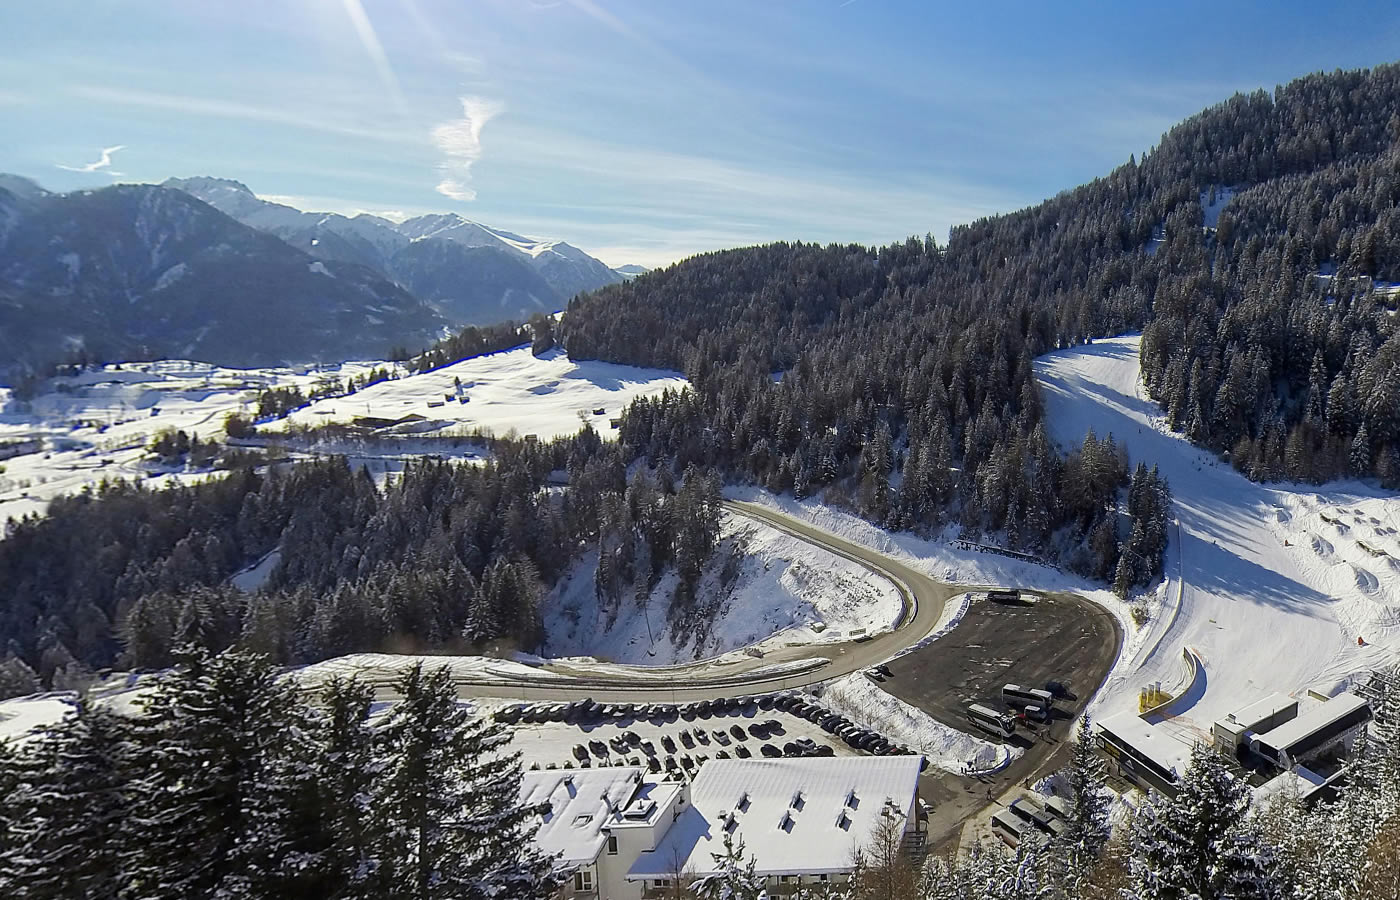 Weitblicke im Hotel Natürlich in Tirol - Österreich.